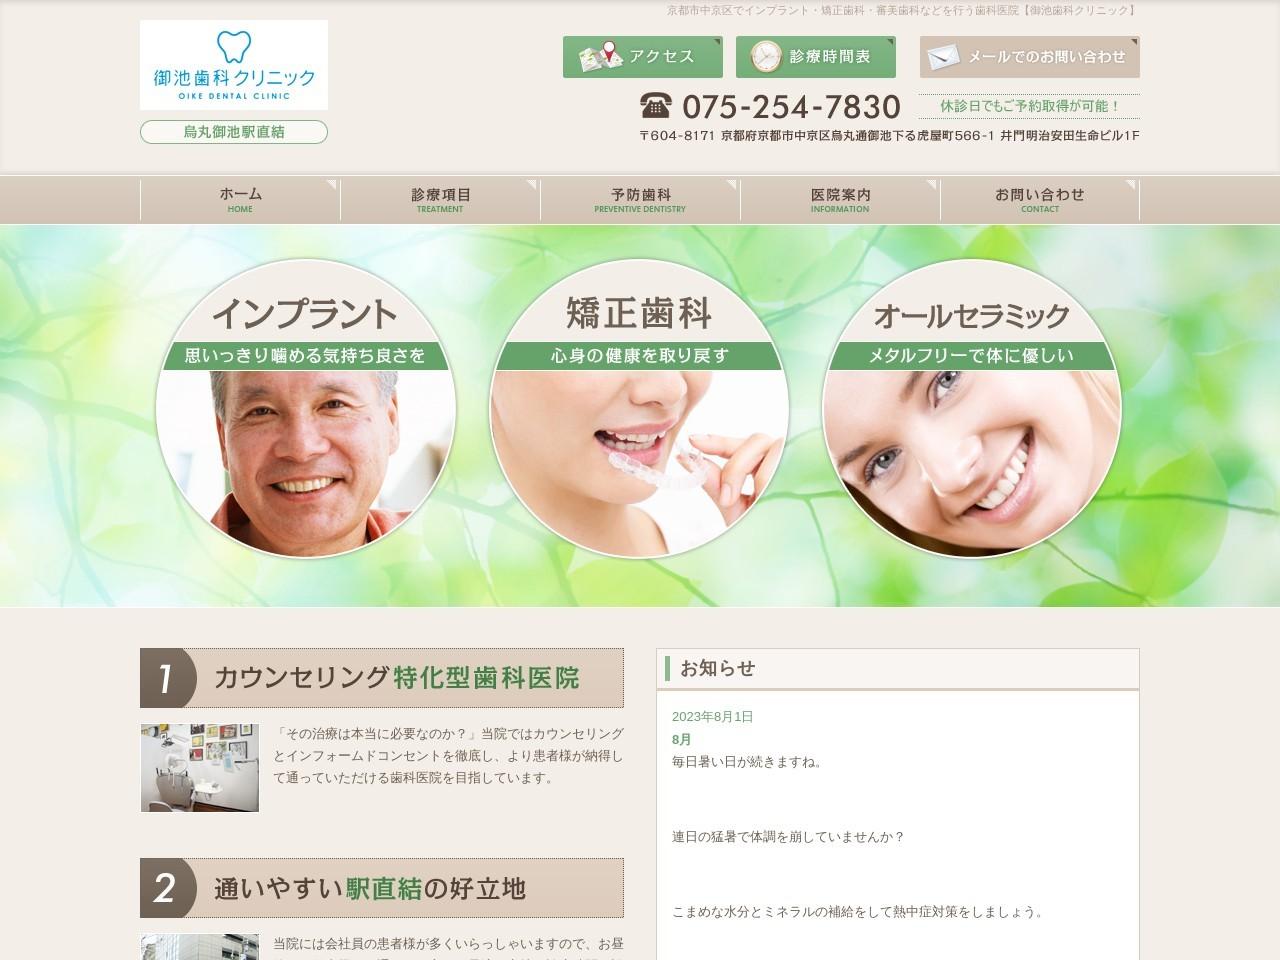 御池歯科クリニック (京都府京都市中京区)